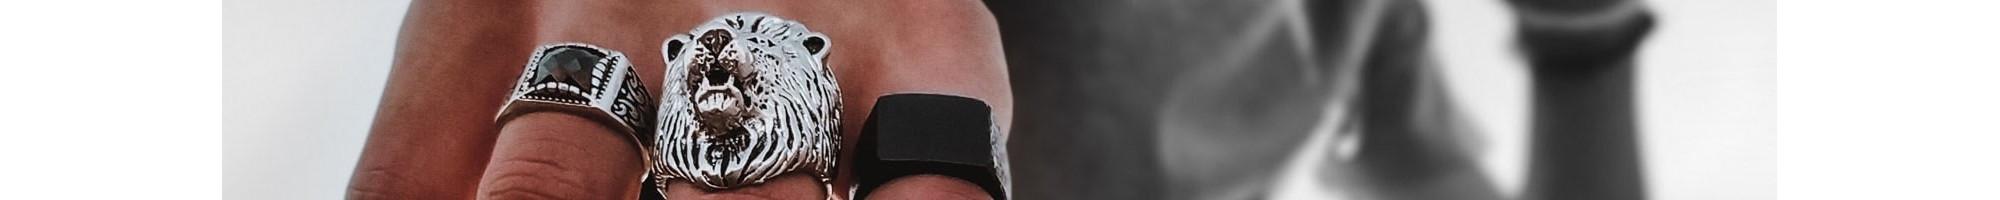 Ανδρικά Δαχτυλίδια | Online από 12€ | BIJOU BOX